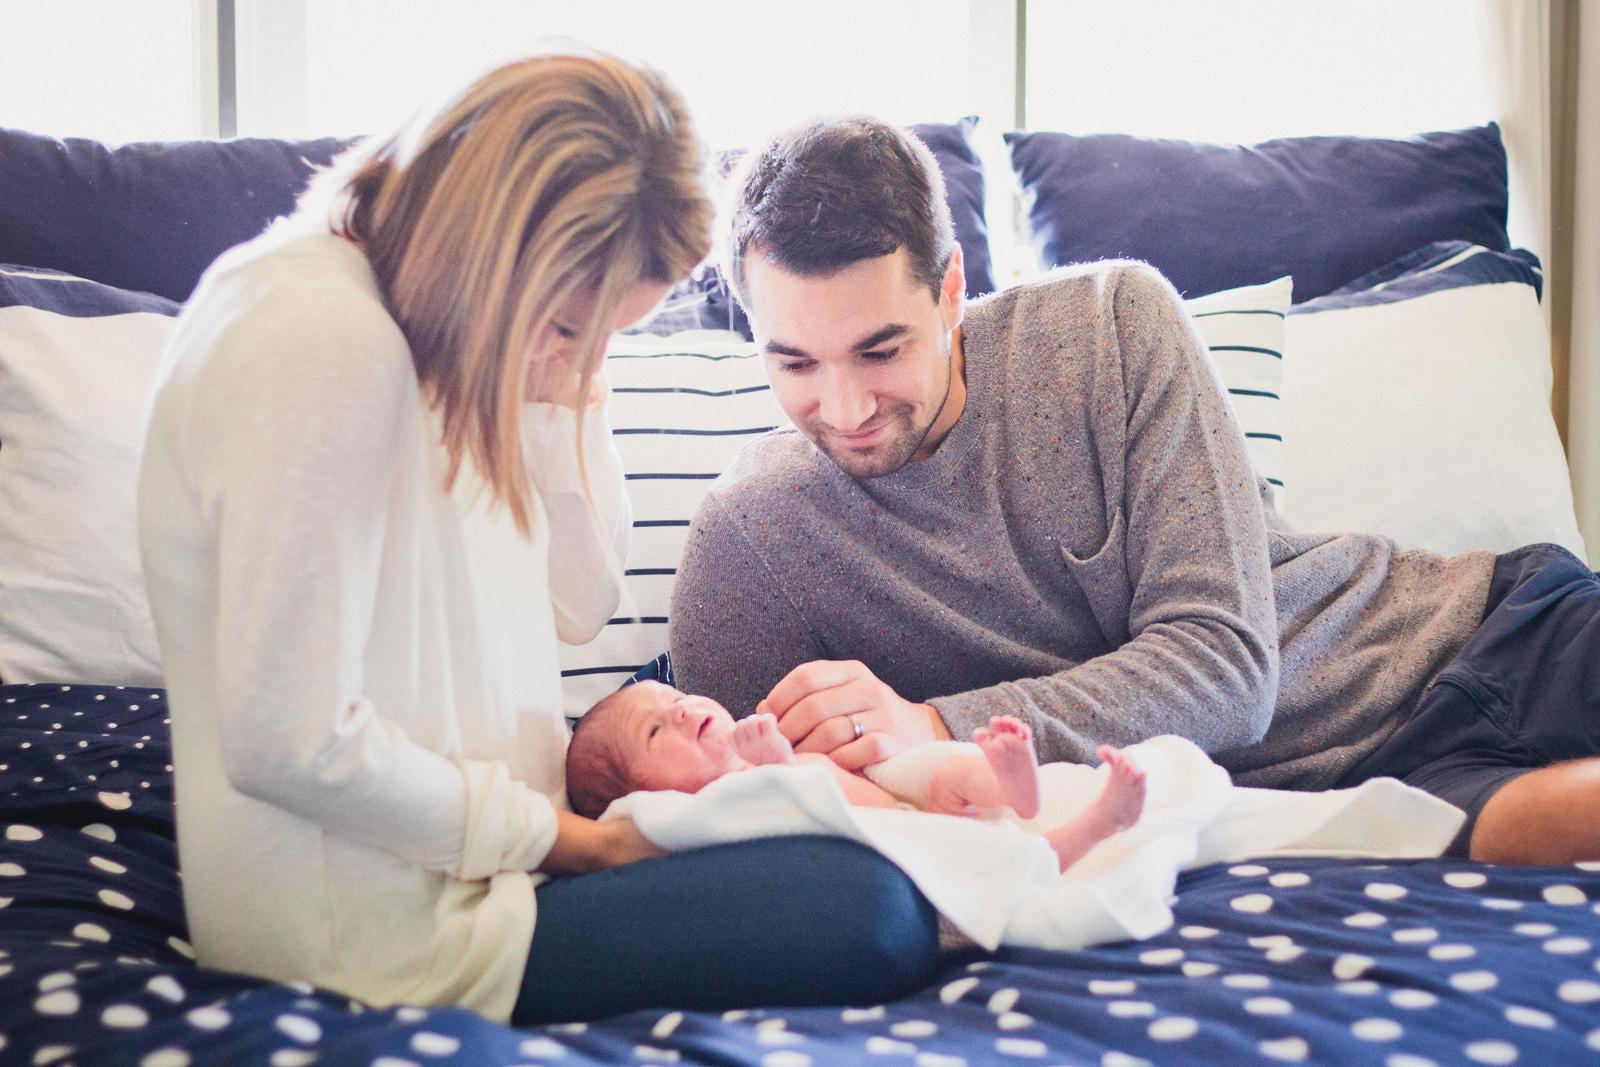 Bode_newborn-4.jpg